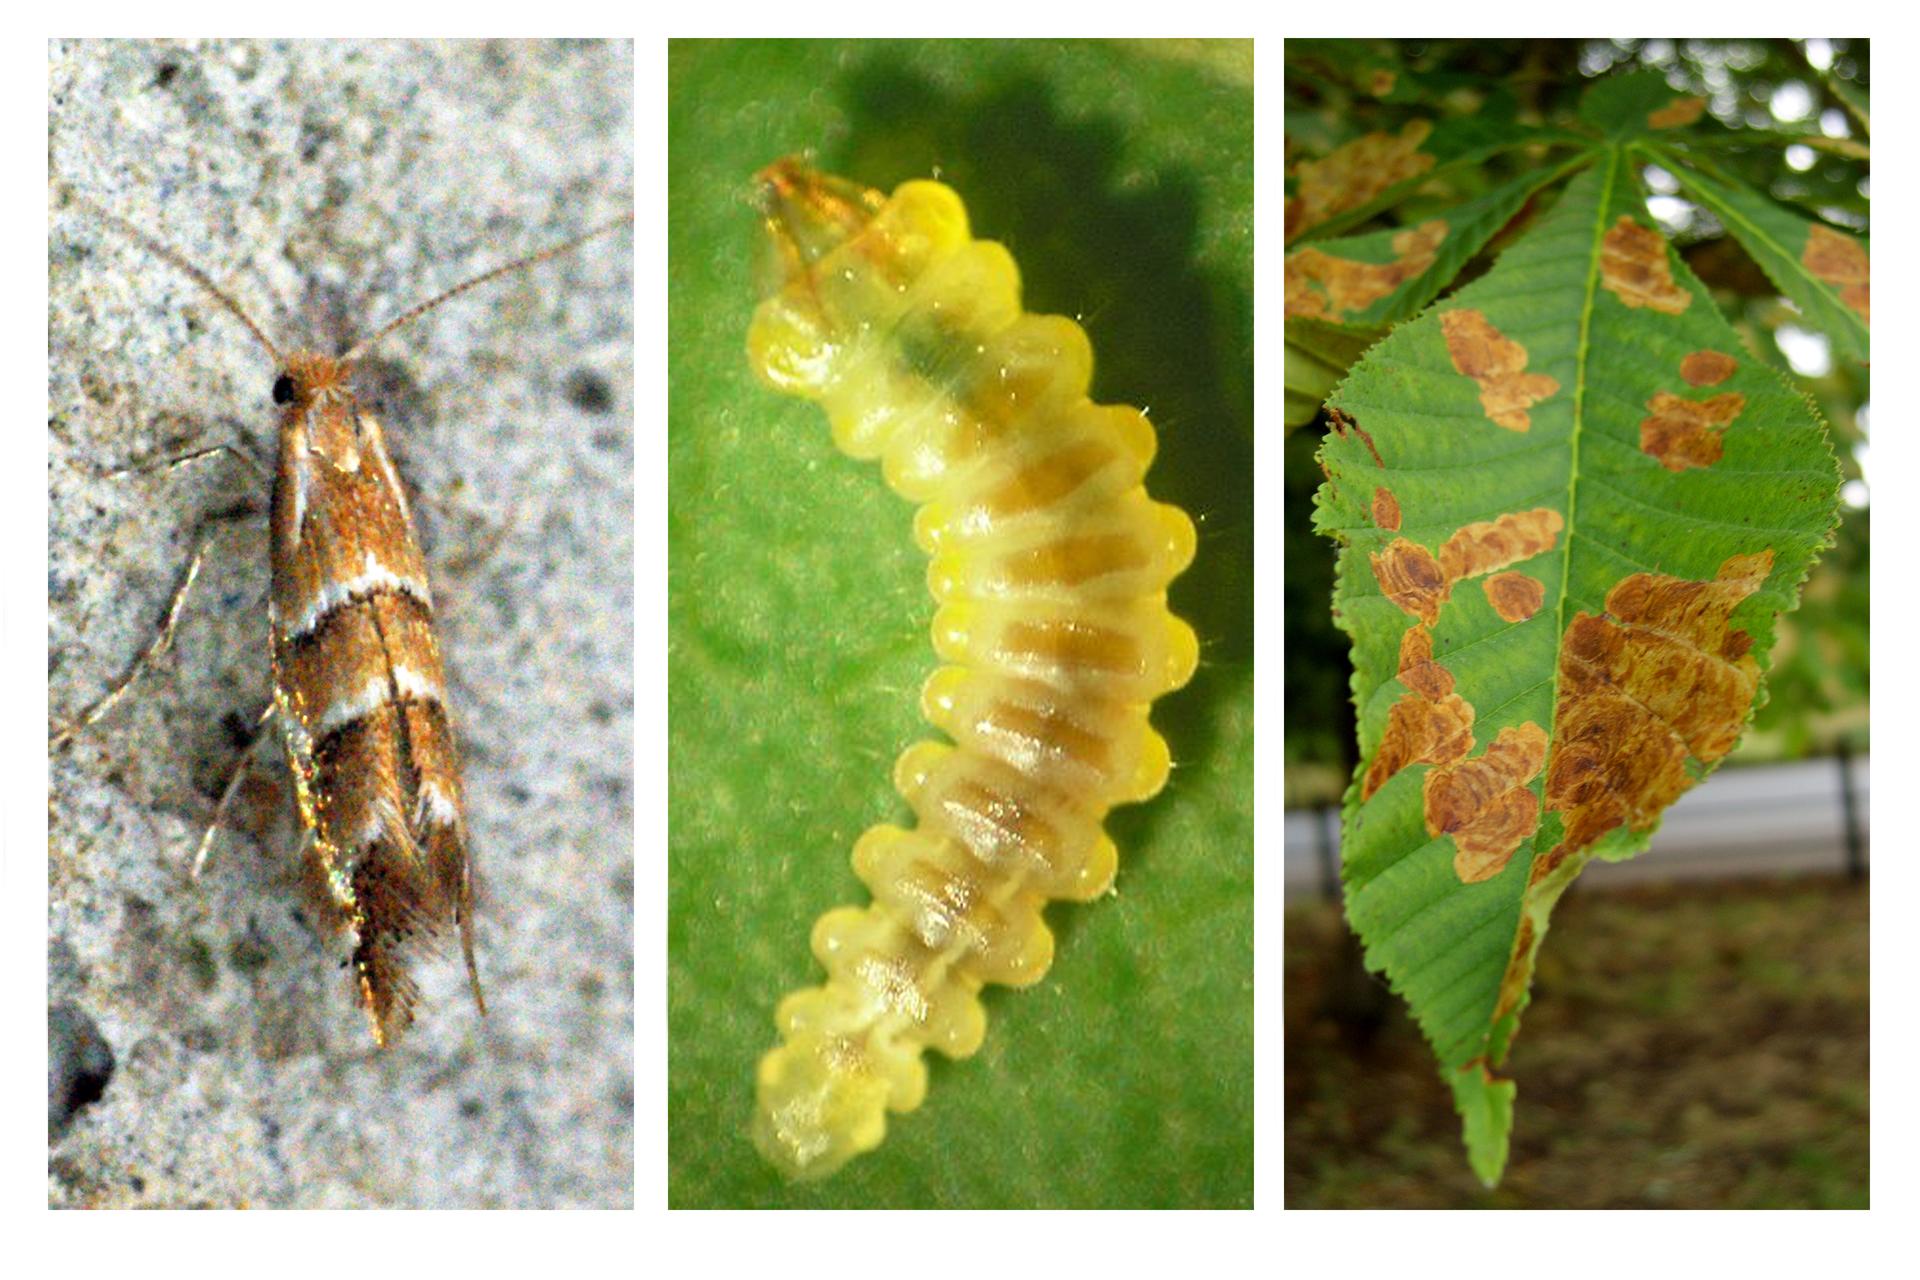 Fotografia zlewej przedstawia smukłego, wbrązowe ibiałe pasy owada szrotówka kasztanowcowiaczka. Wśrodku fotografia jego podłużnej, żółtej larwy na liściu. Po prawej wzbliżeniu liść kasztanowca zbrązowymi plamami.